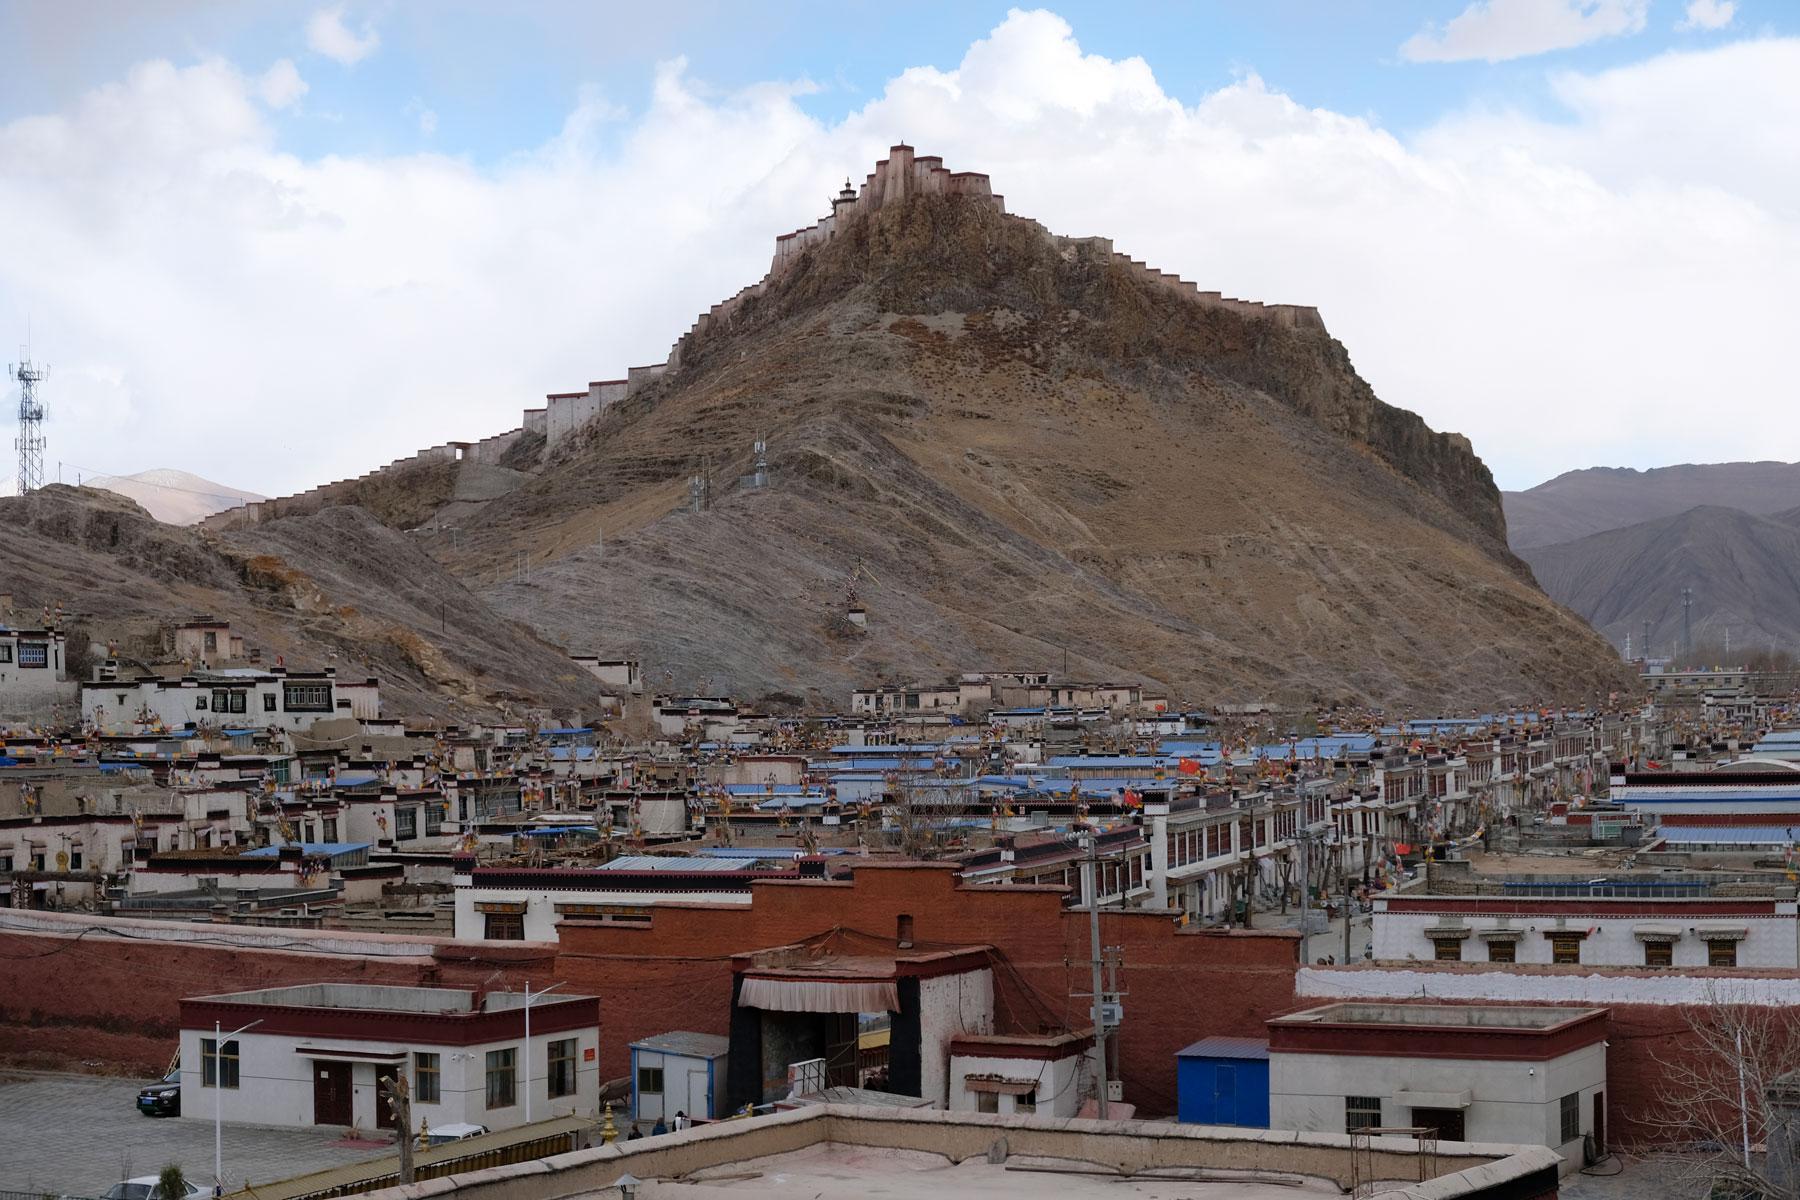 Blick auf die Stadt Gyantse in Tibet.